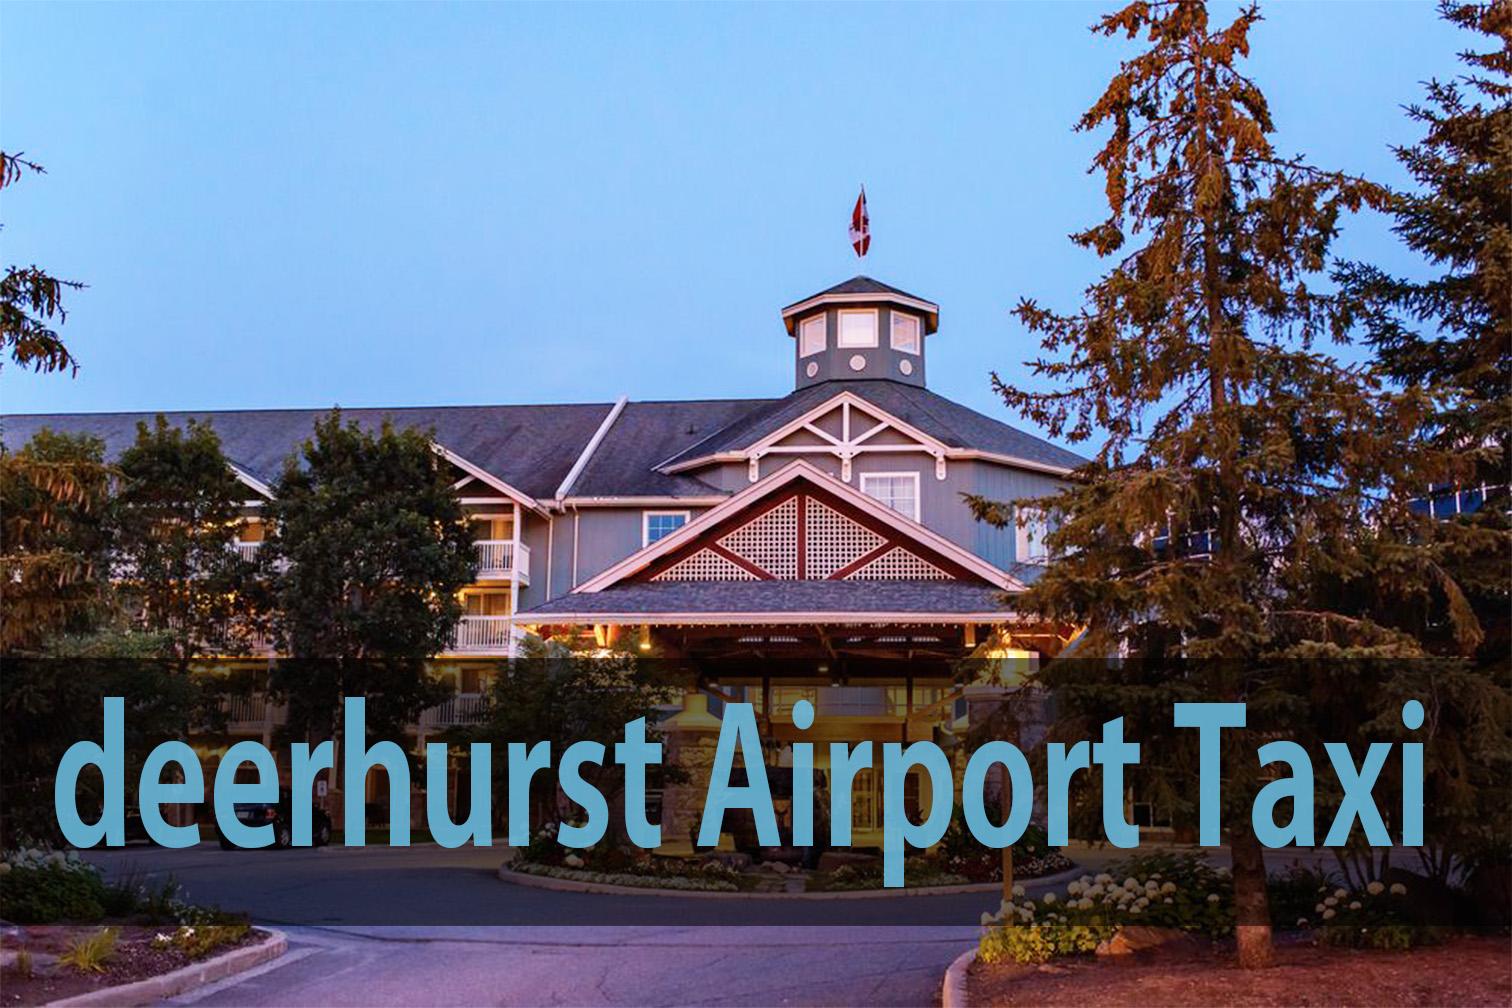 deerhurst airport taxi